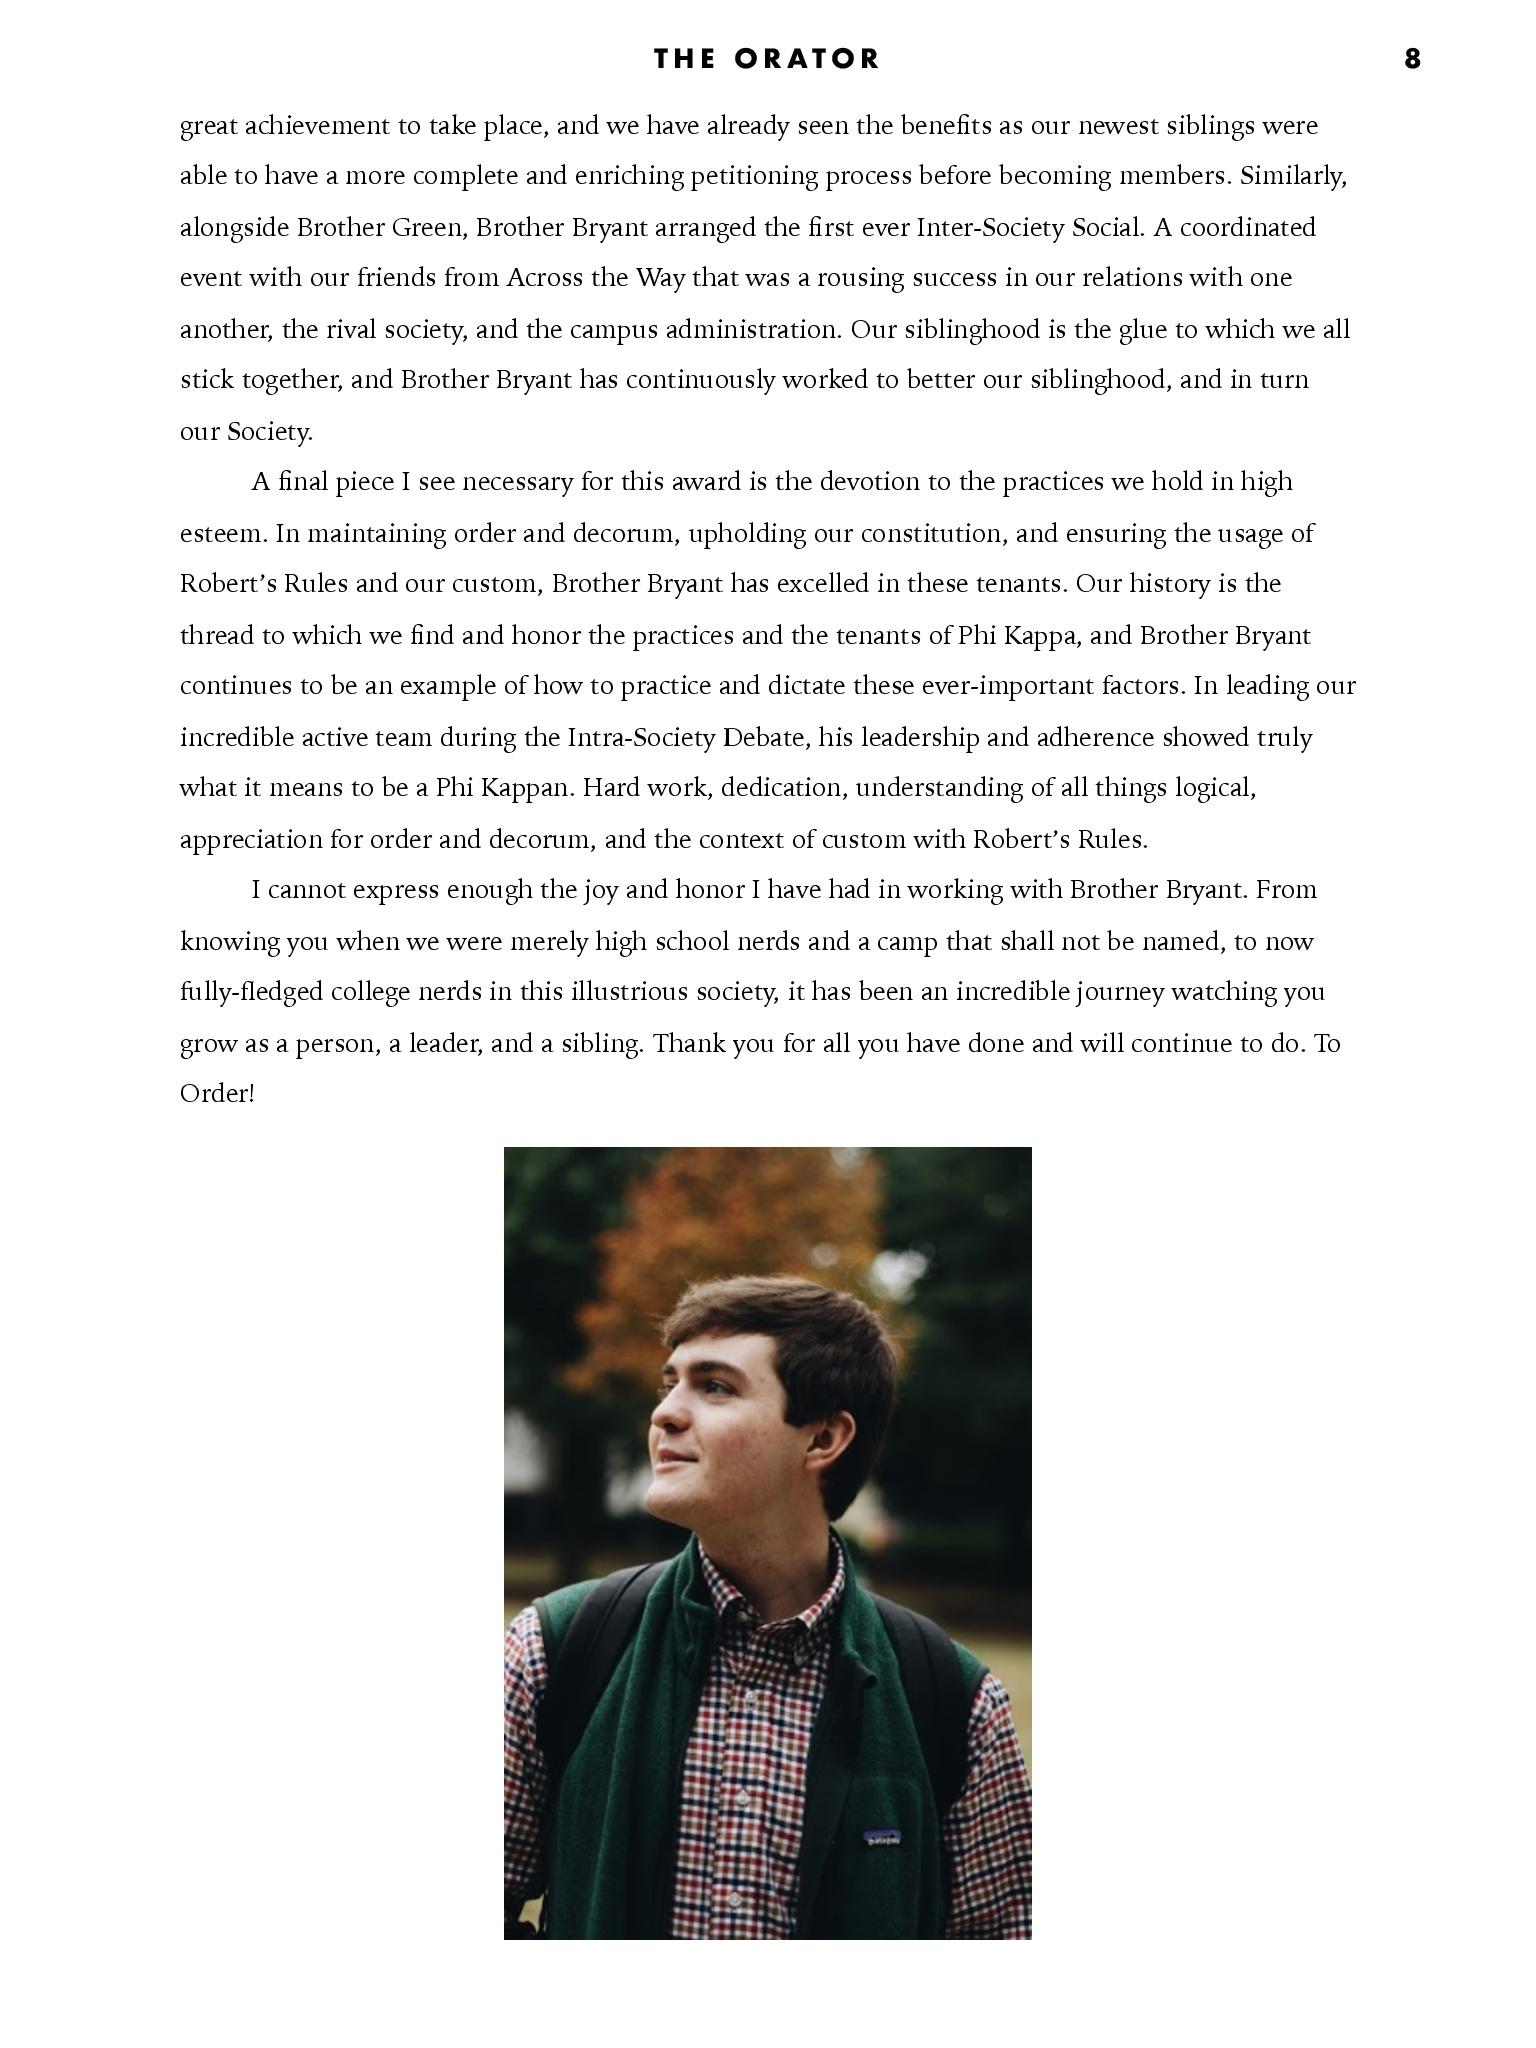 The-Orator-Fall-2018-008.jpg